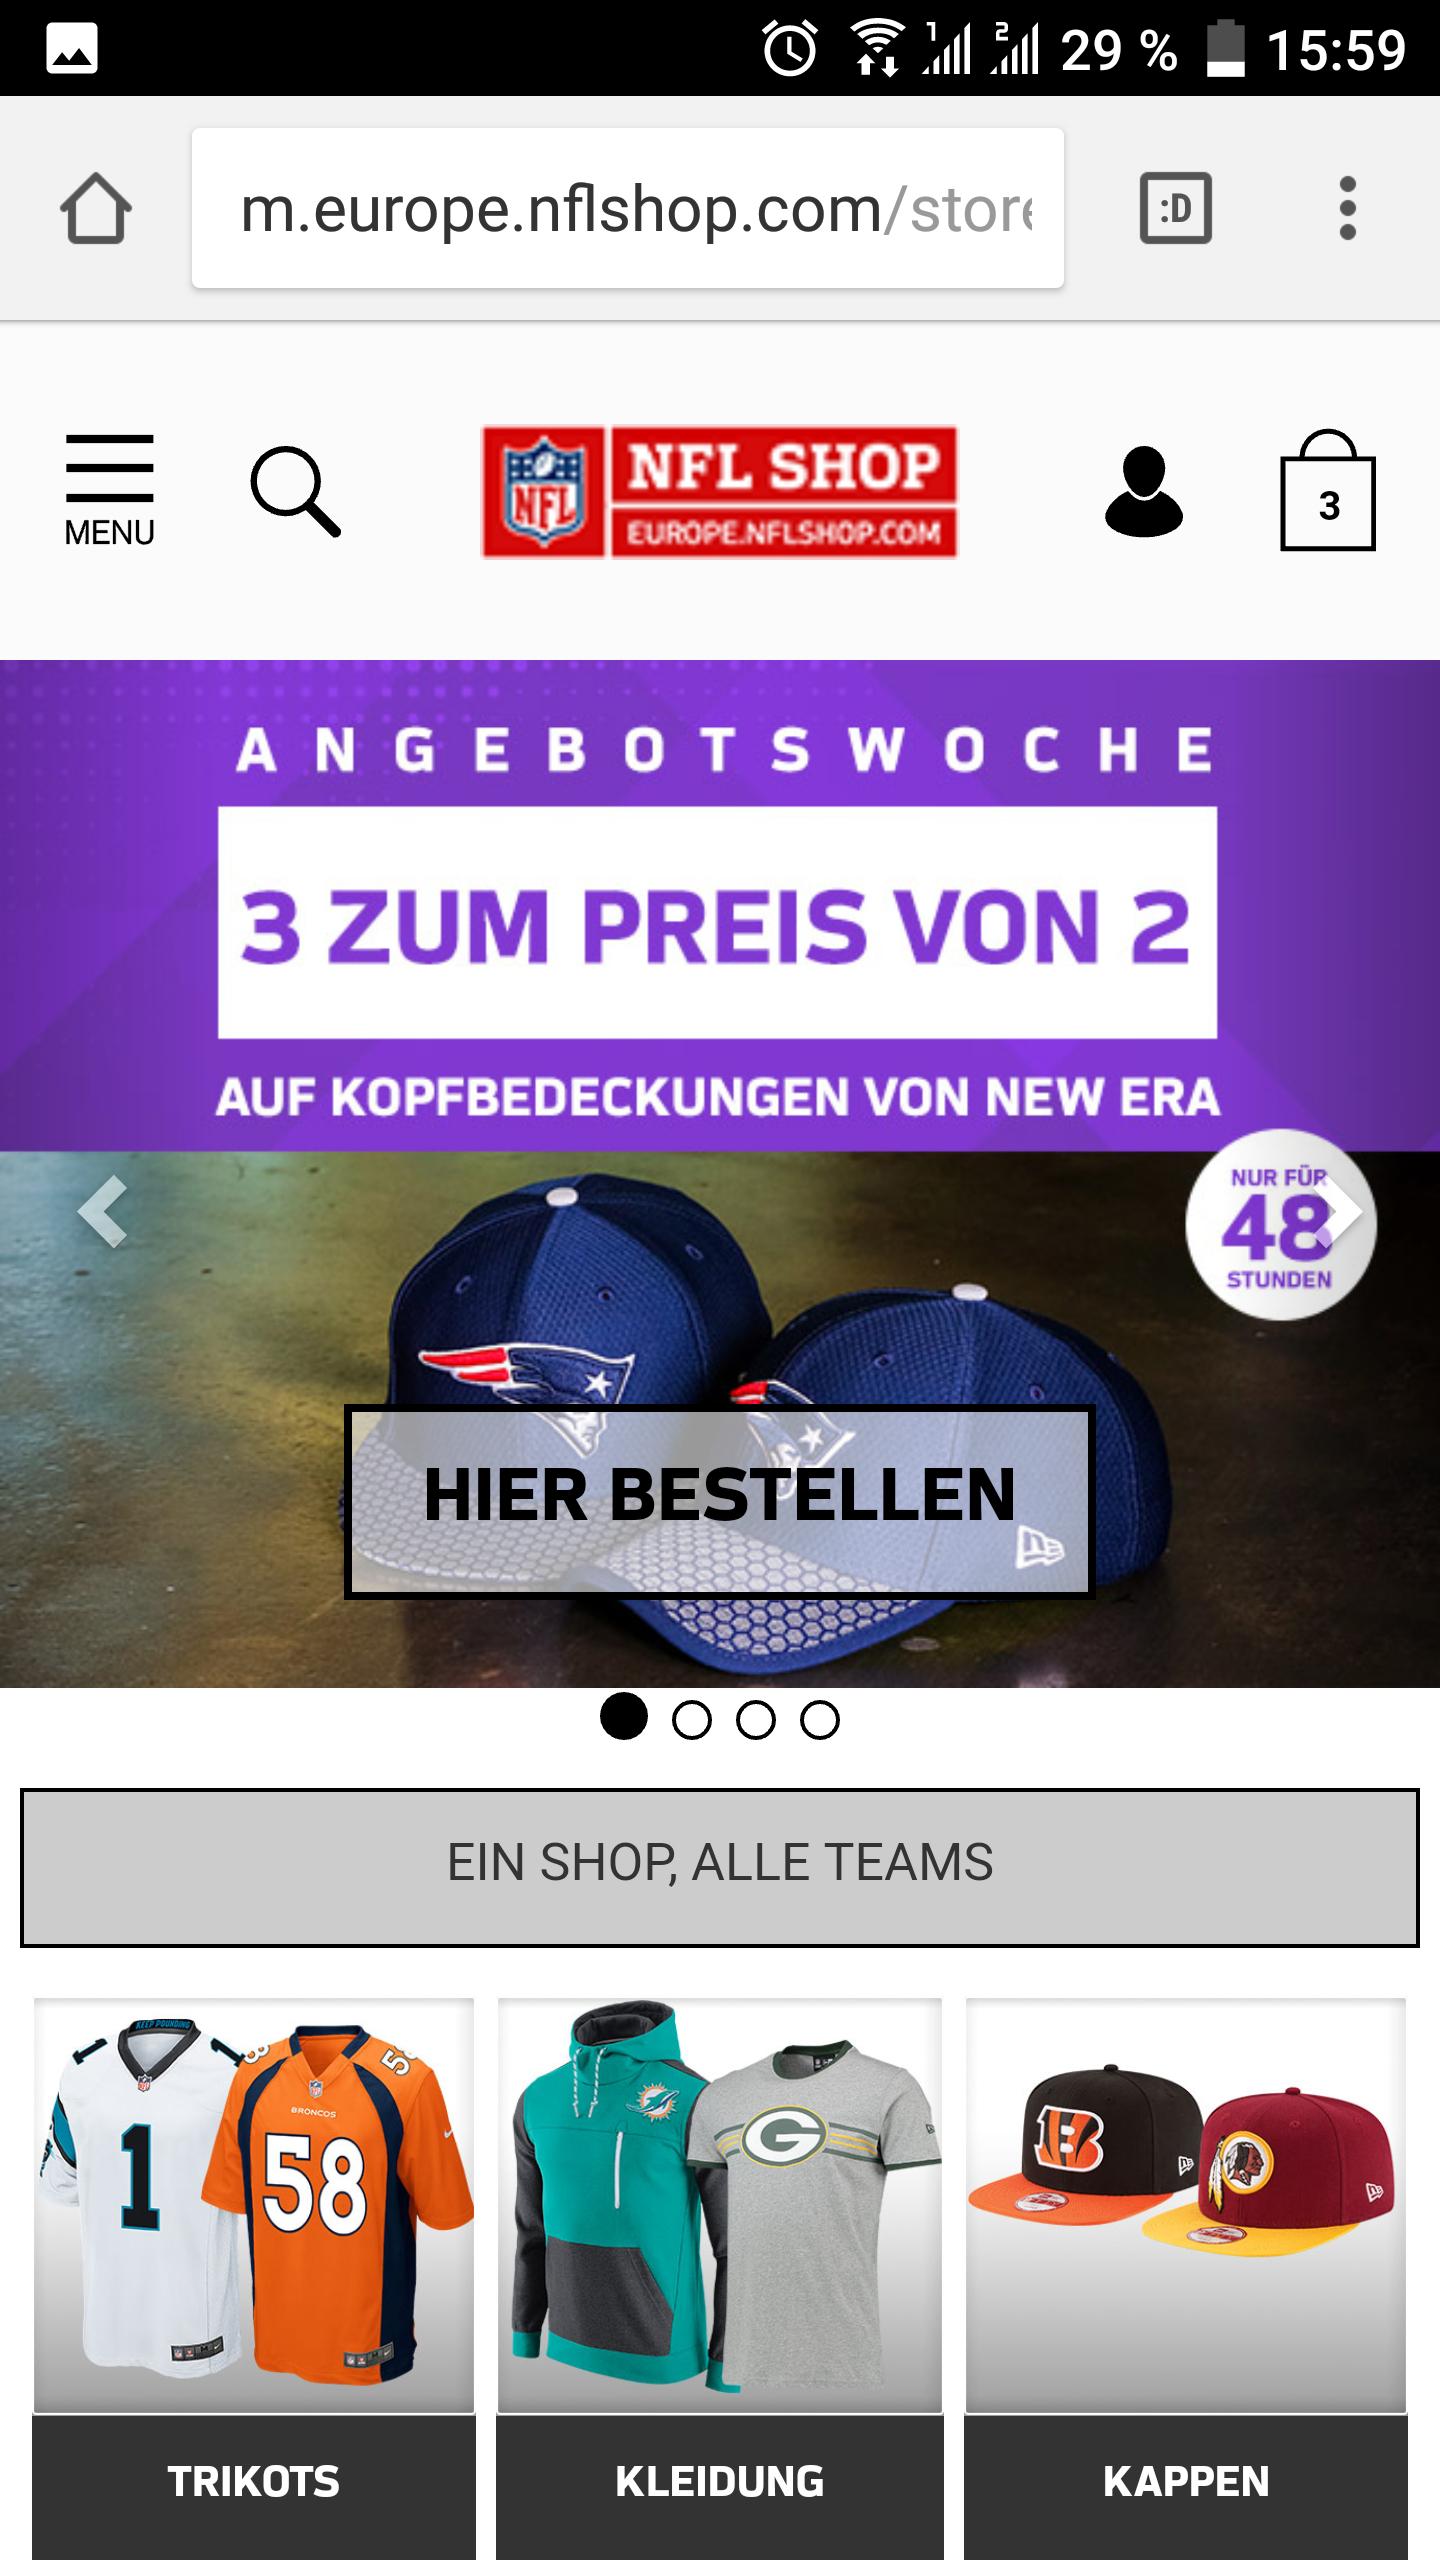 2 für 1 Aktion im NFL Shop Europe für New Era Kappen